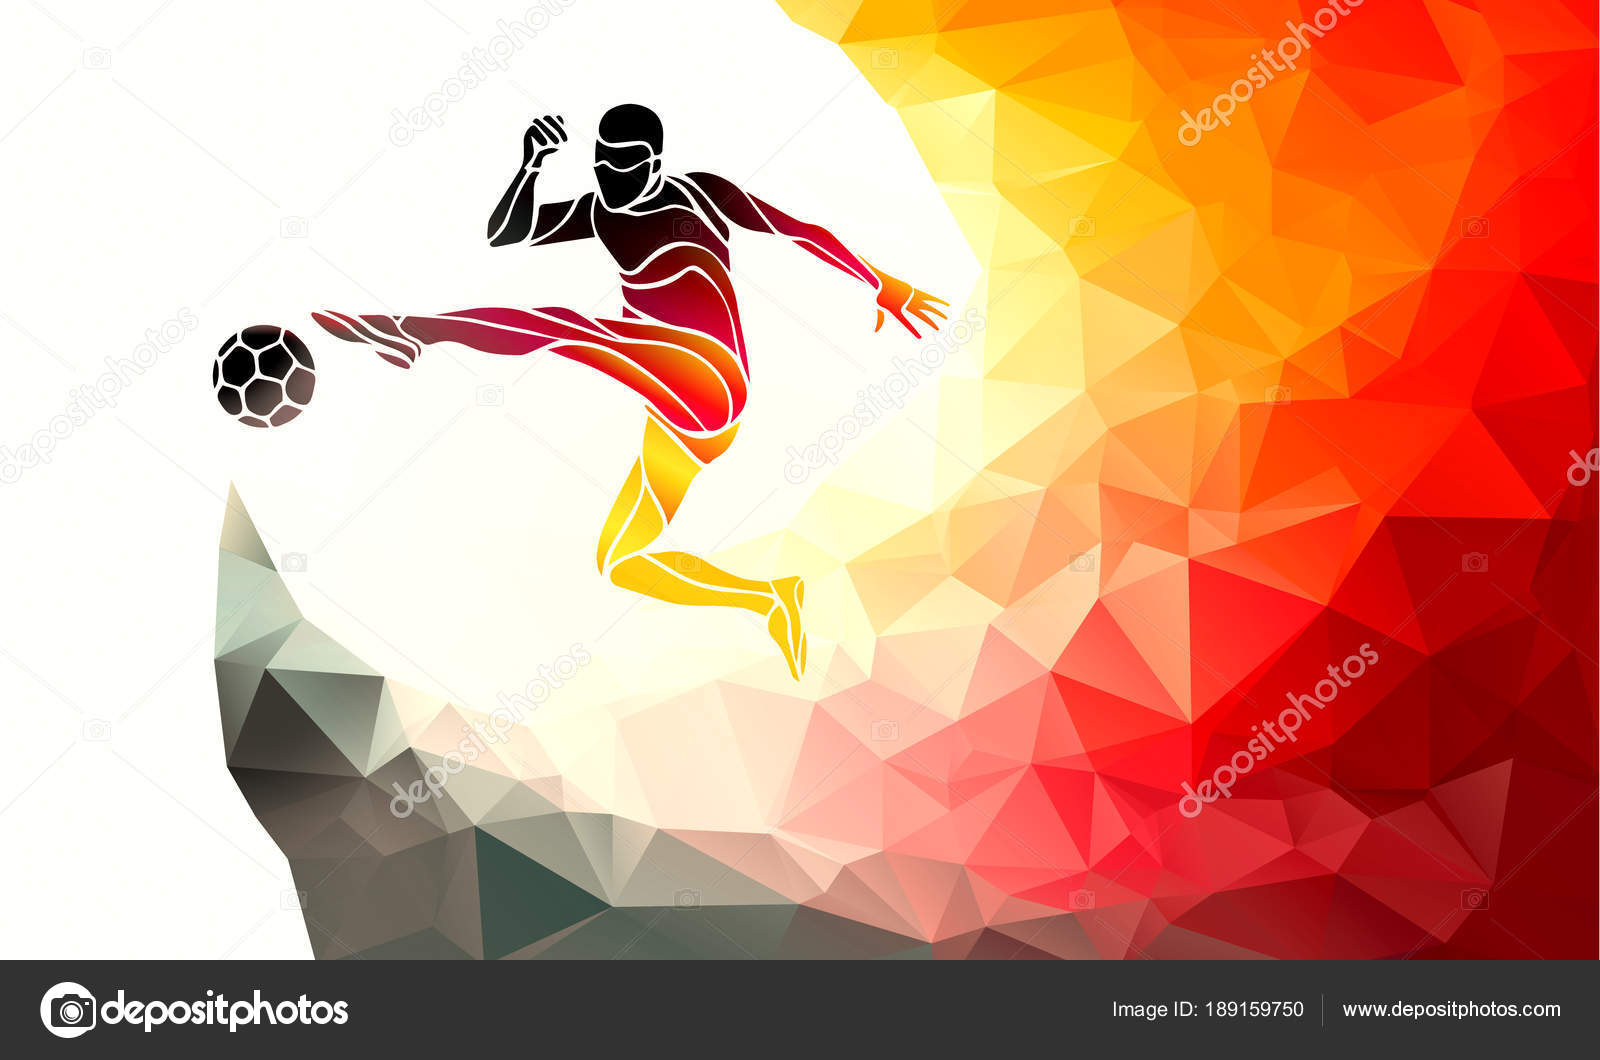 Fußballer kickt den Ball in den Farben der deutschen Flagge. Fußball ...